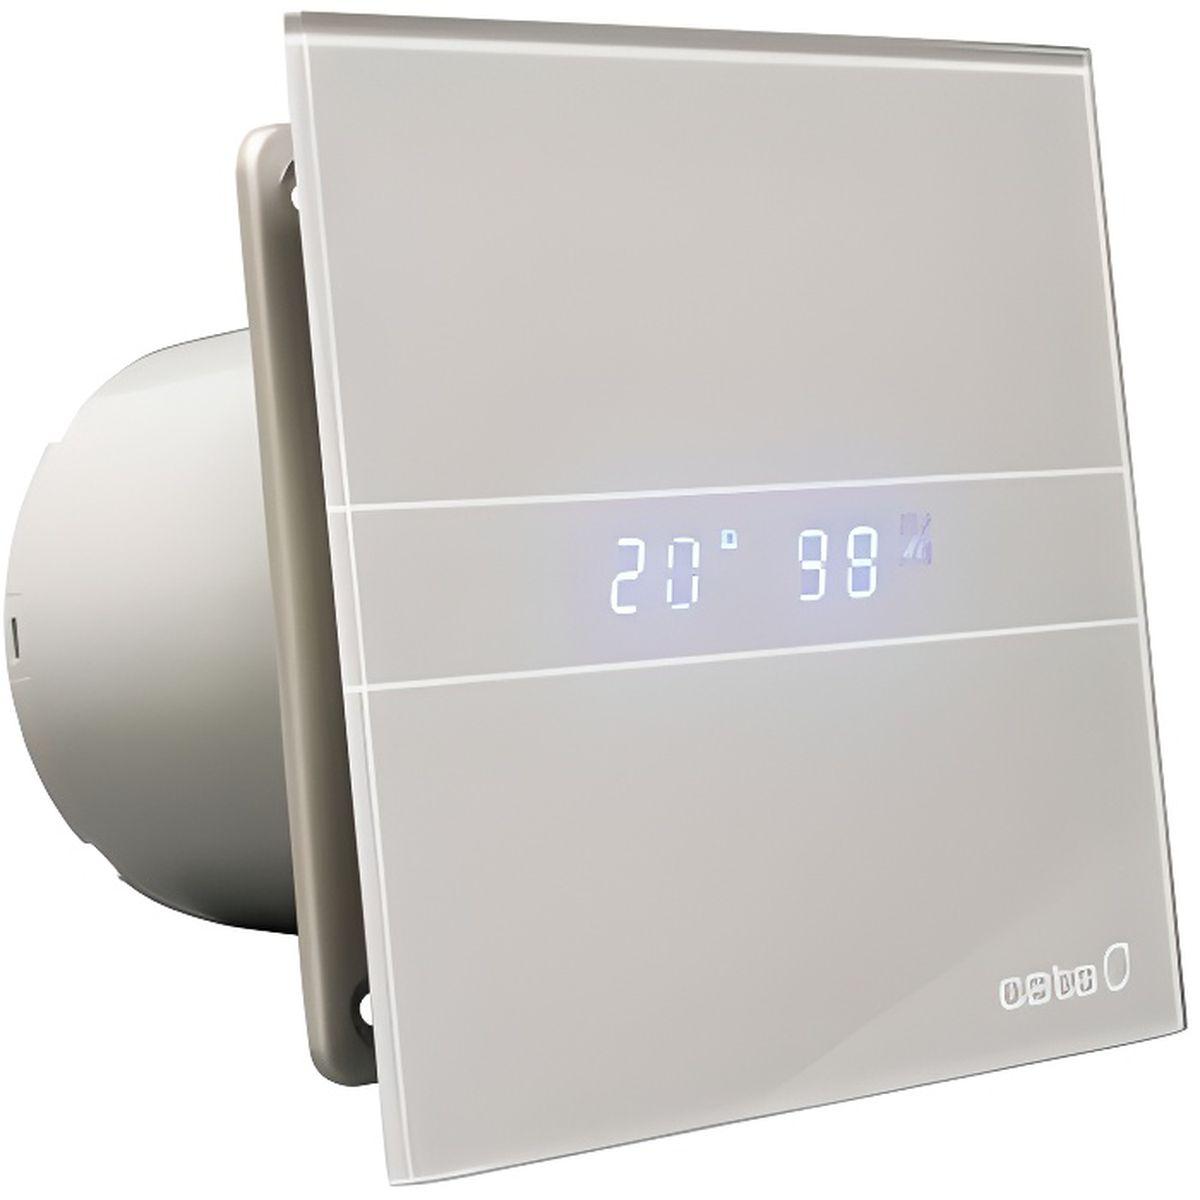 Aérateur extracteur salle de bain E-16 Glass Silver Timer Hygro CATA